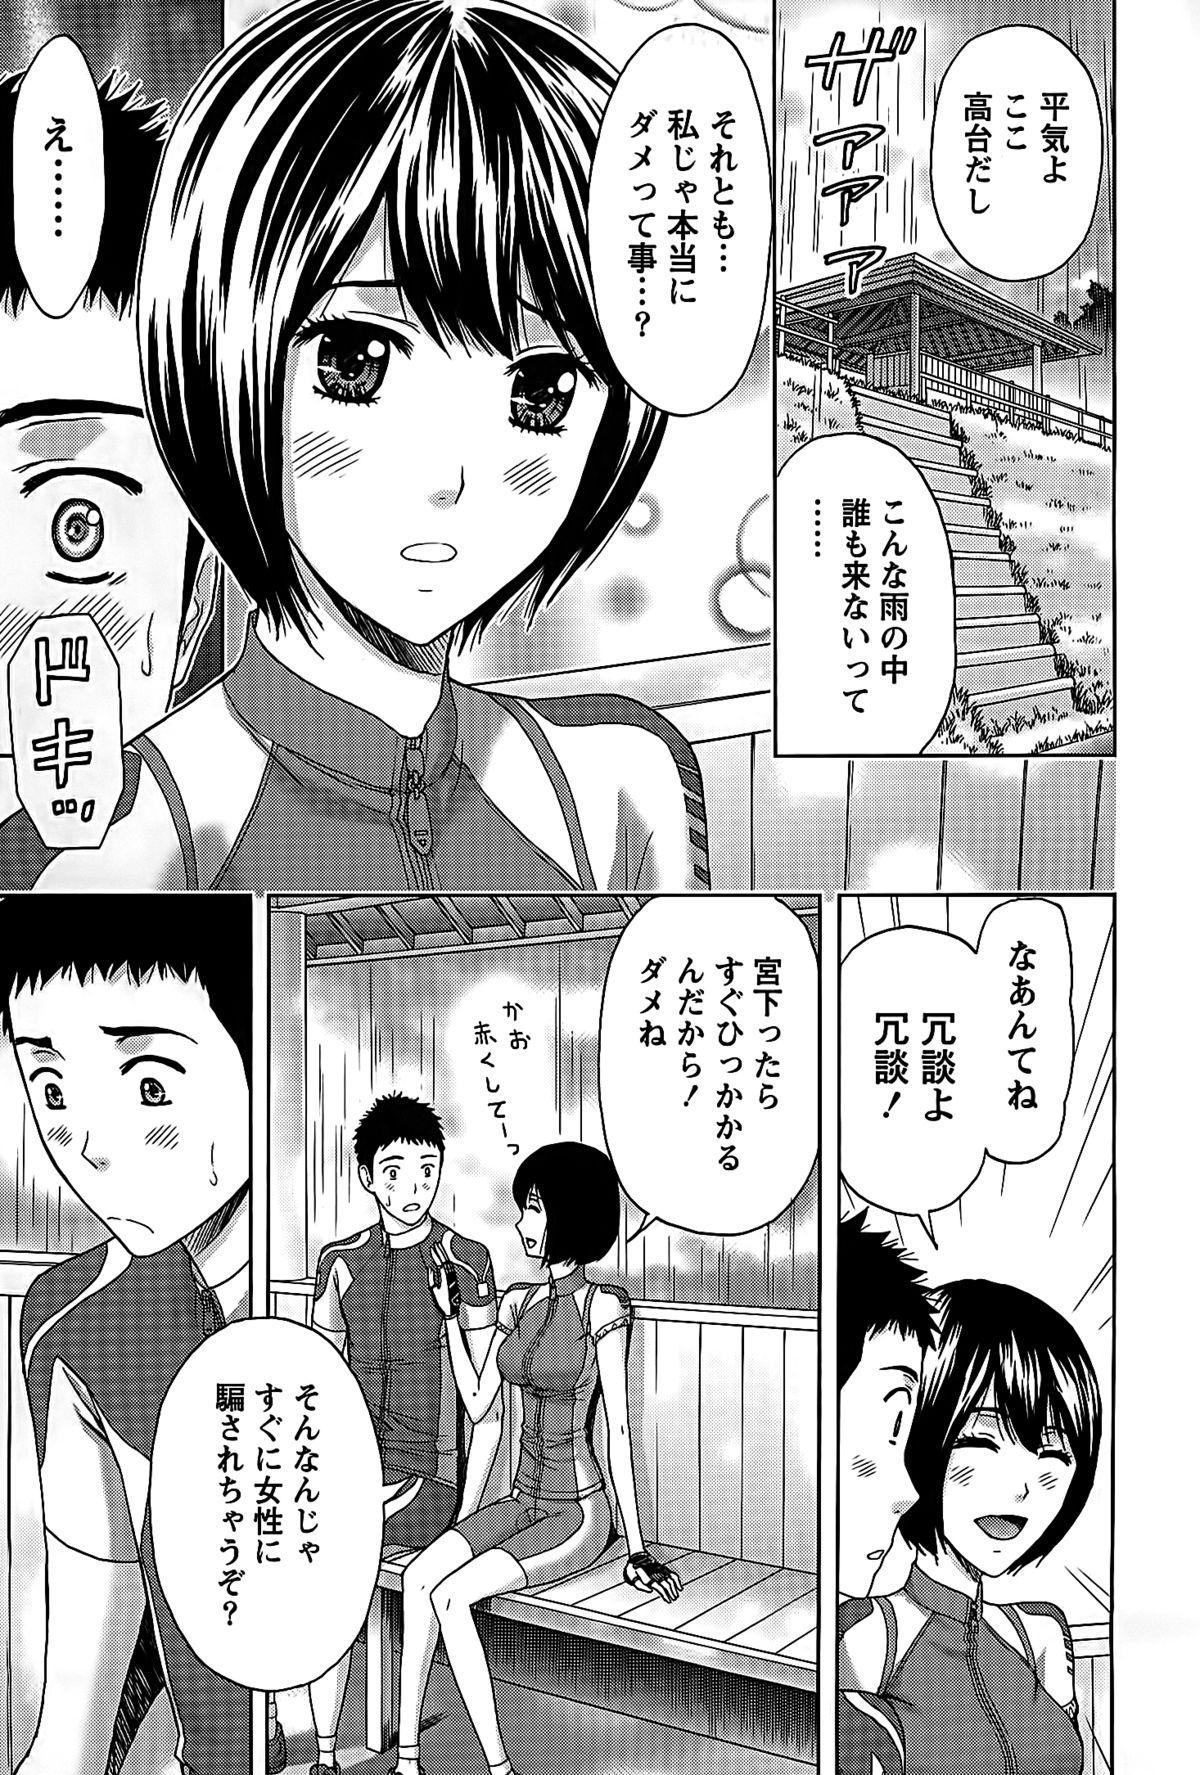 Shittori Lady to Amai Mitsu 12